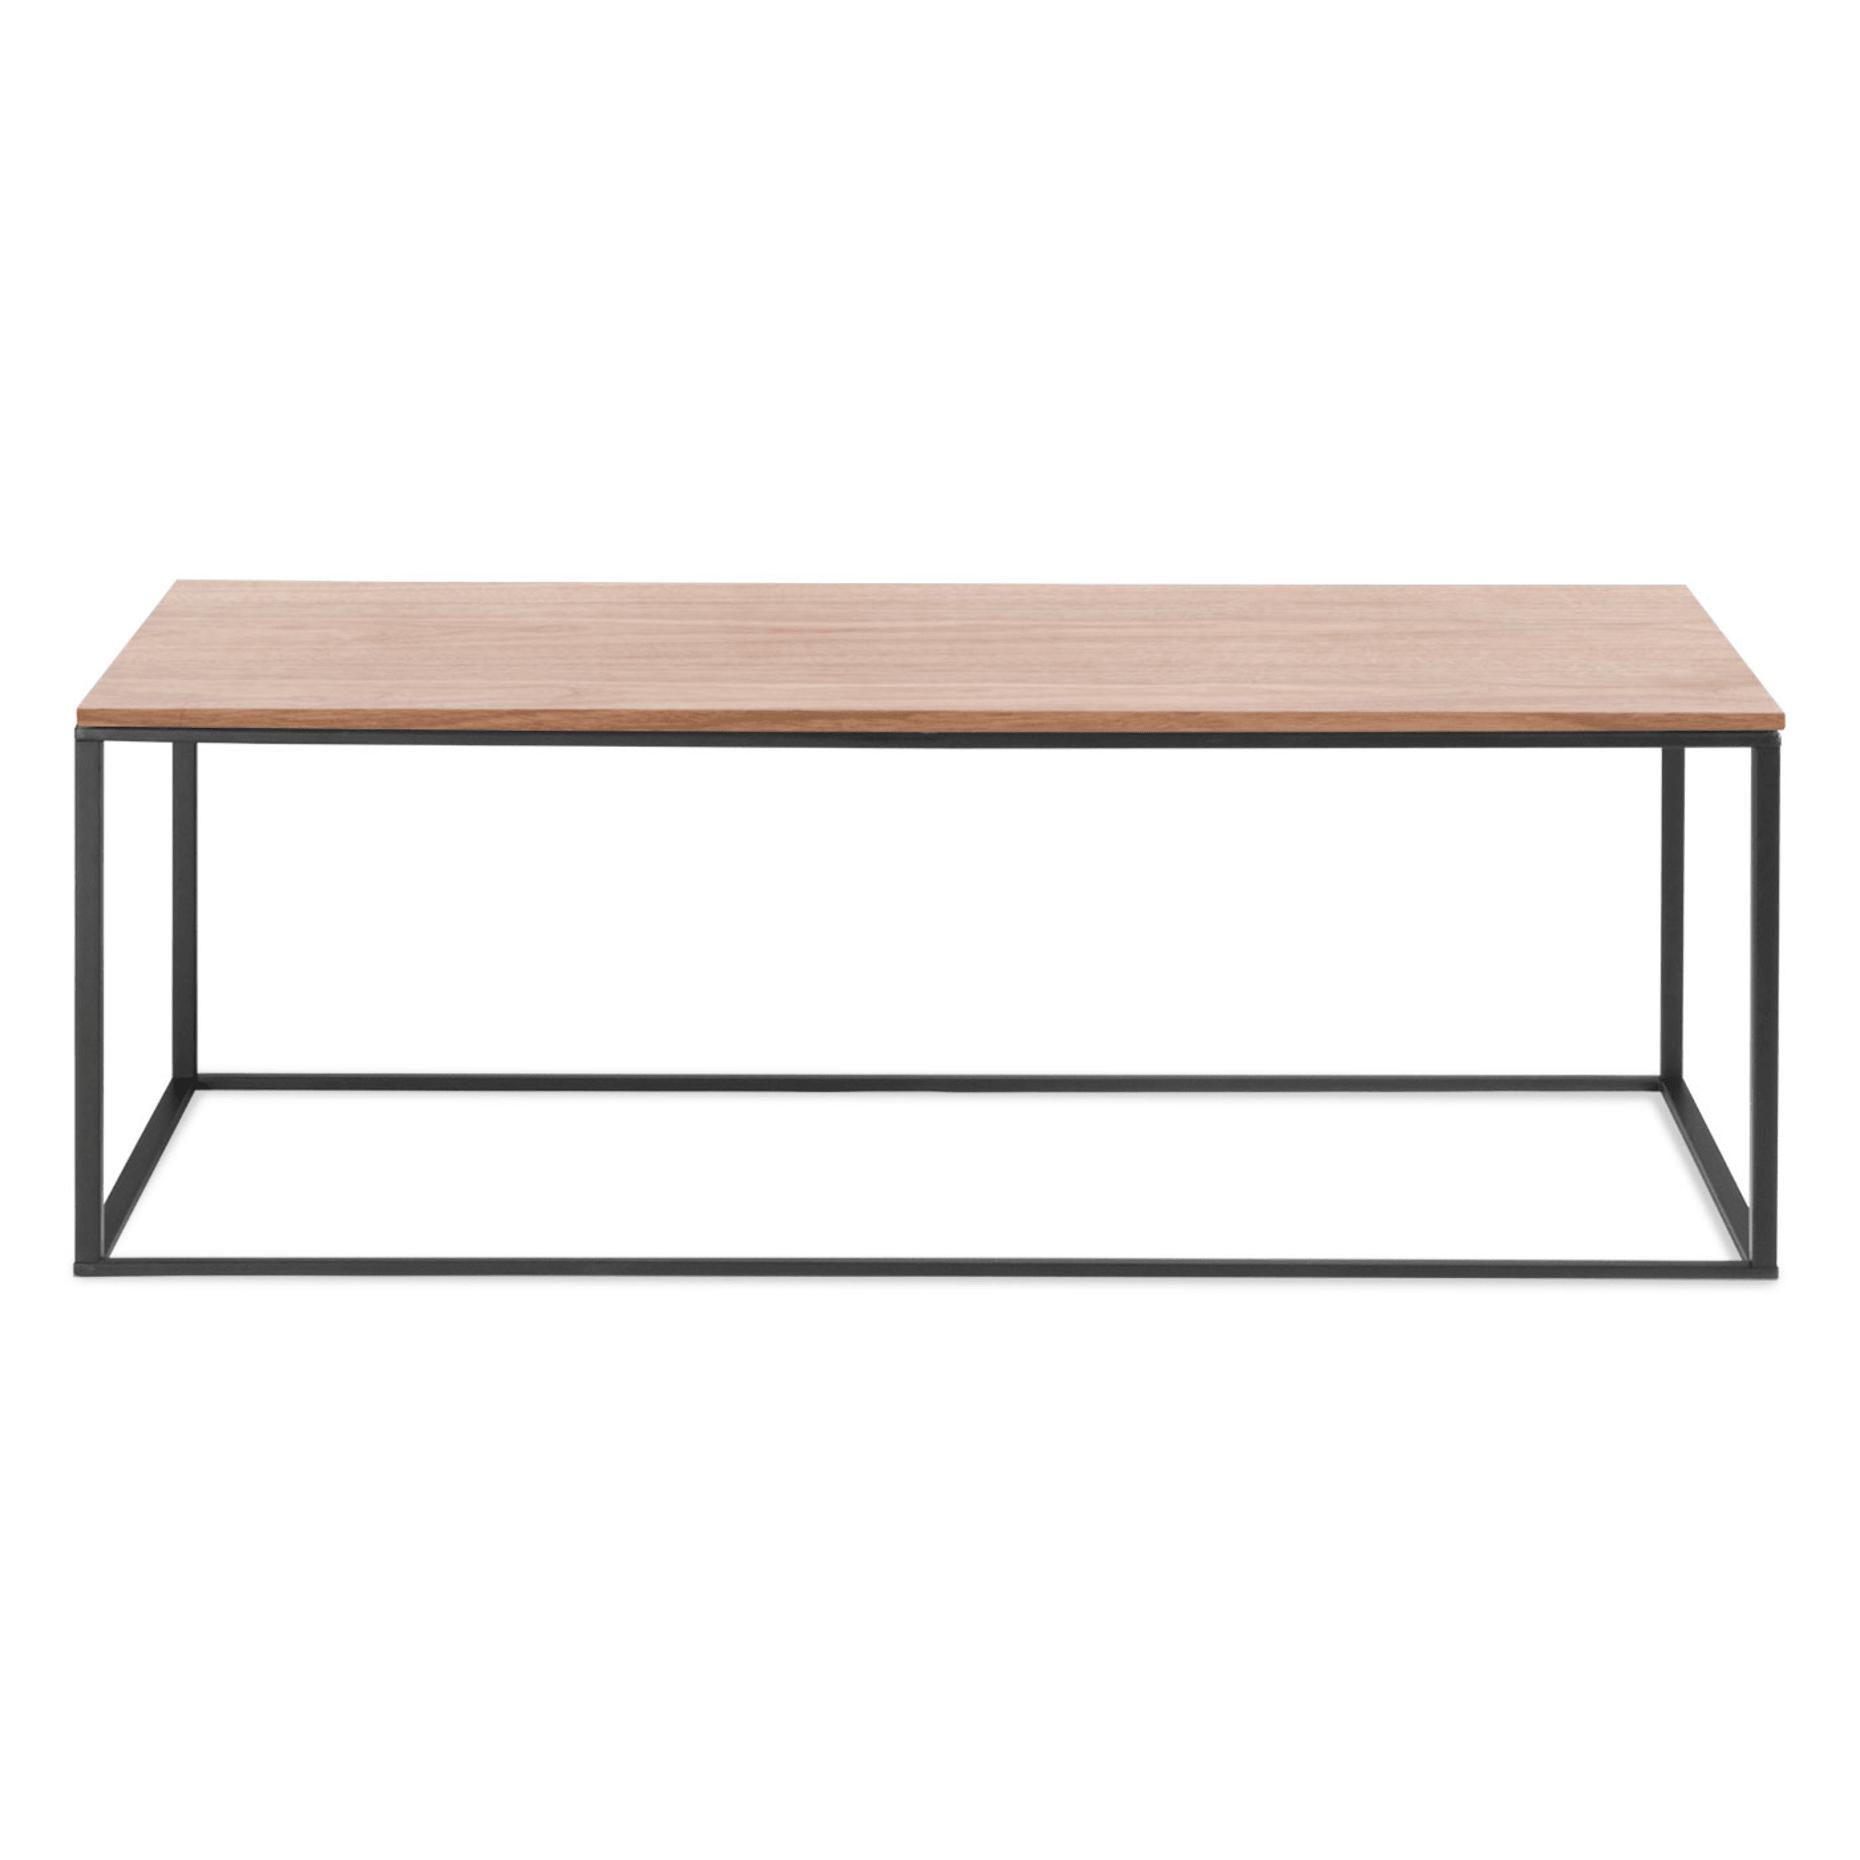 Minimalista Coffee Table - Minimalist Tables | Blu Dot